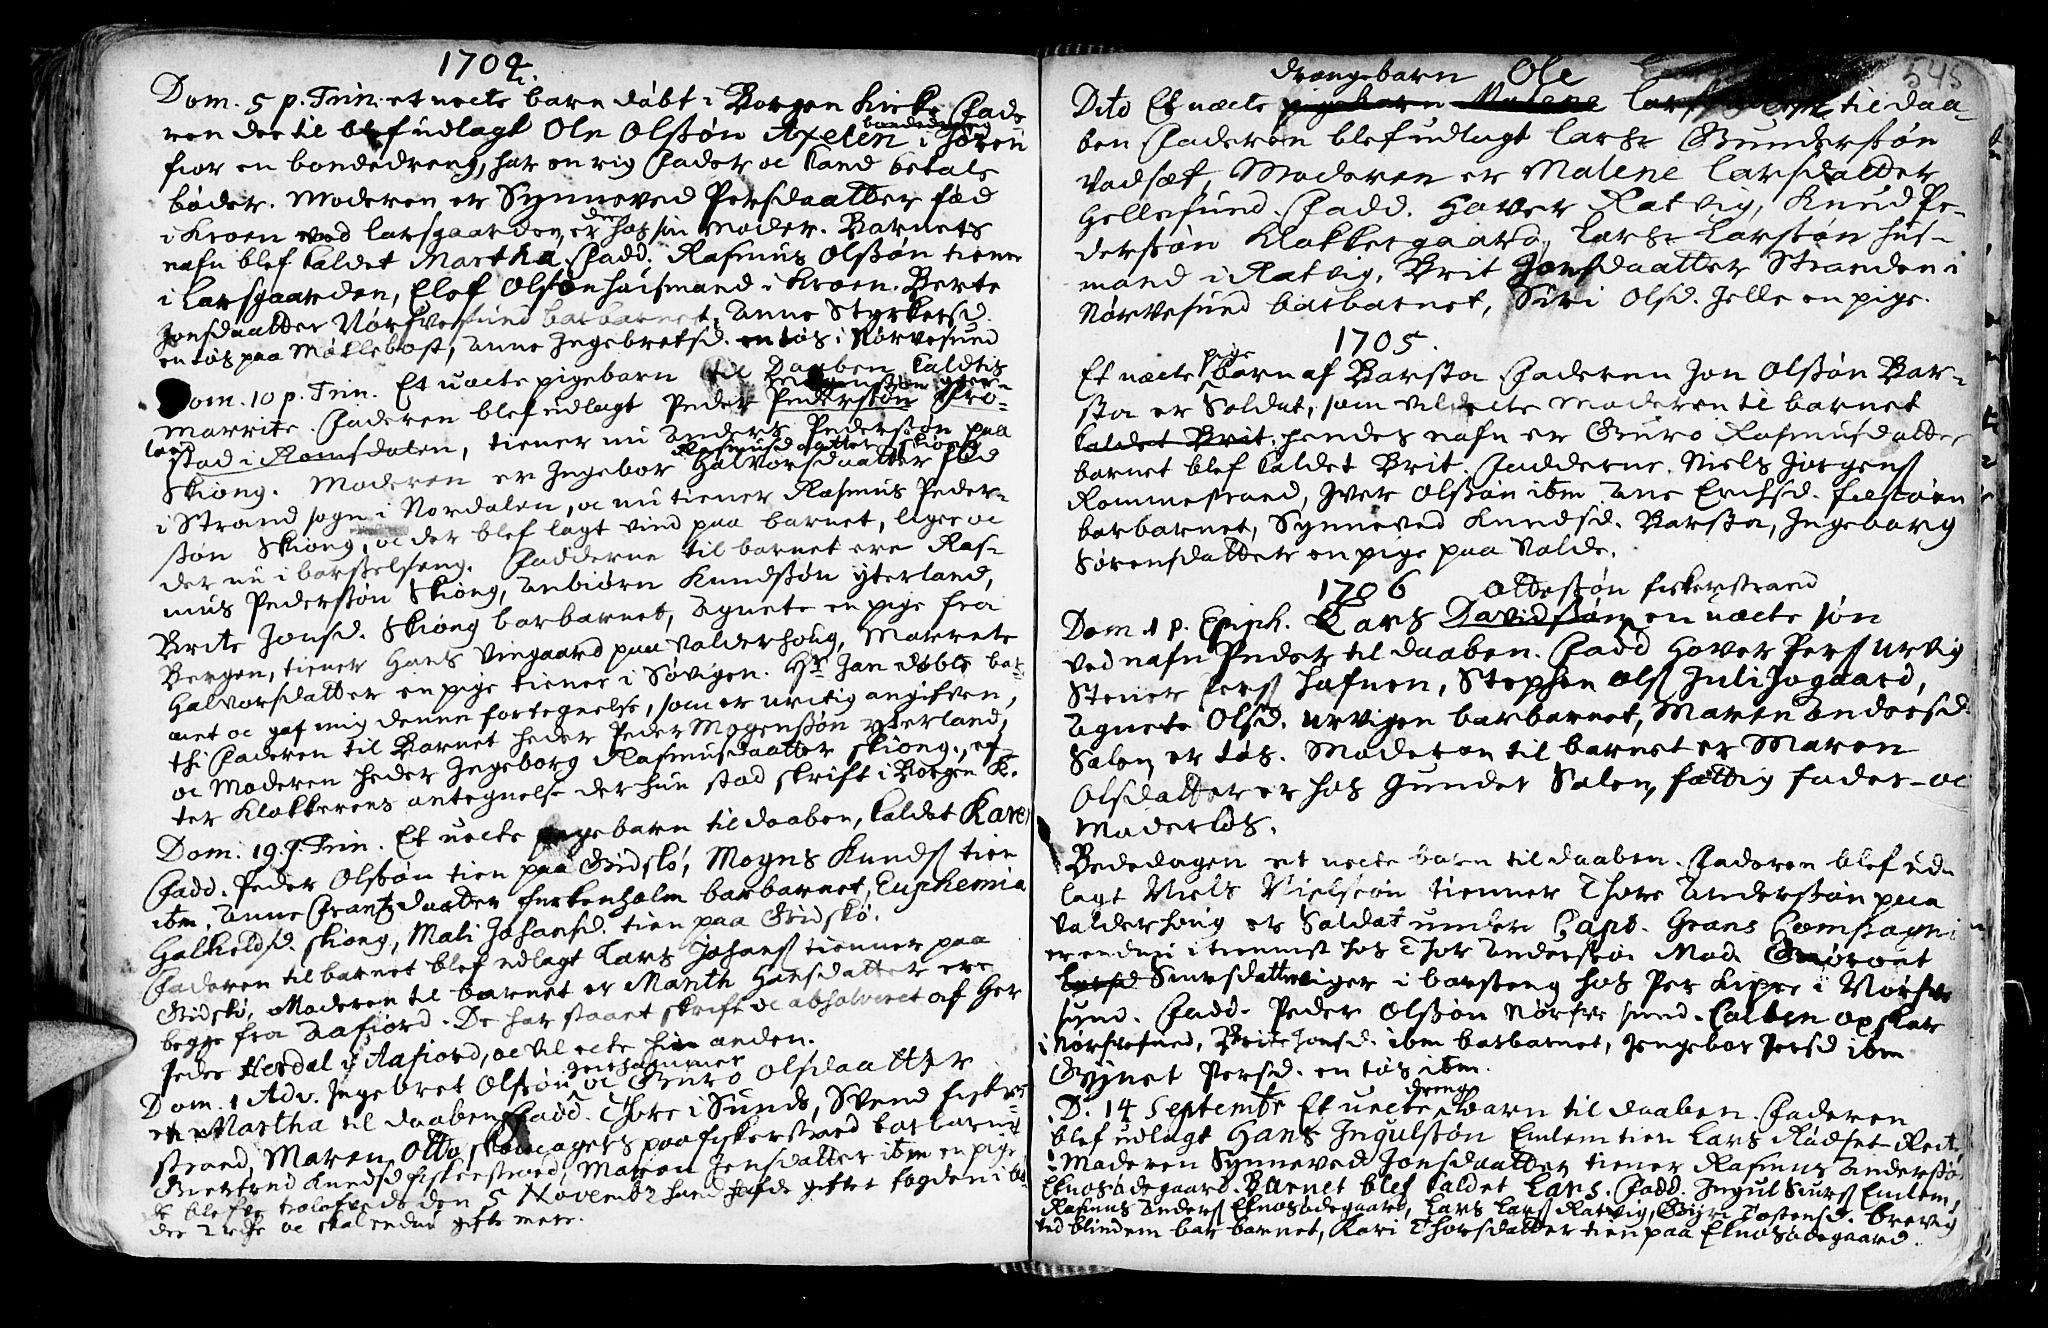 SAT, Ministerialprotokoller, klokkerbøker og fødselsregistre - Møre og Romsdal, 528/L0390: Ministerialbok nr. 528A01, 1698-1739, s. 544-545